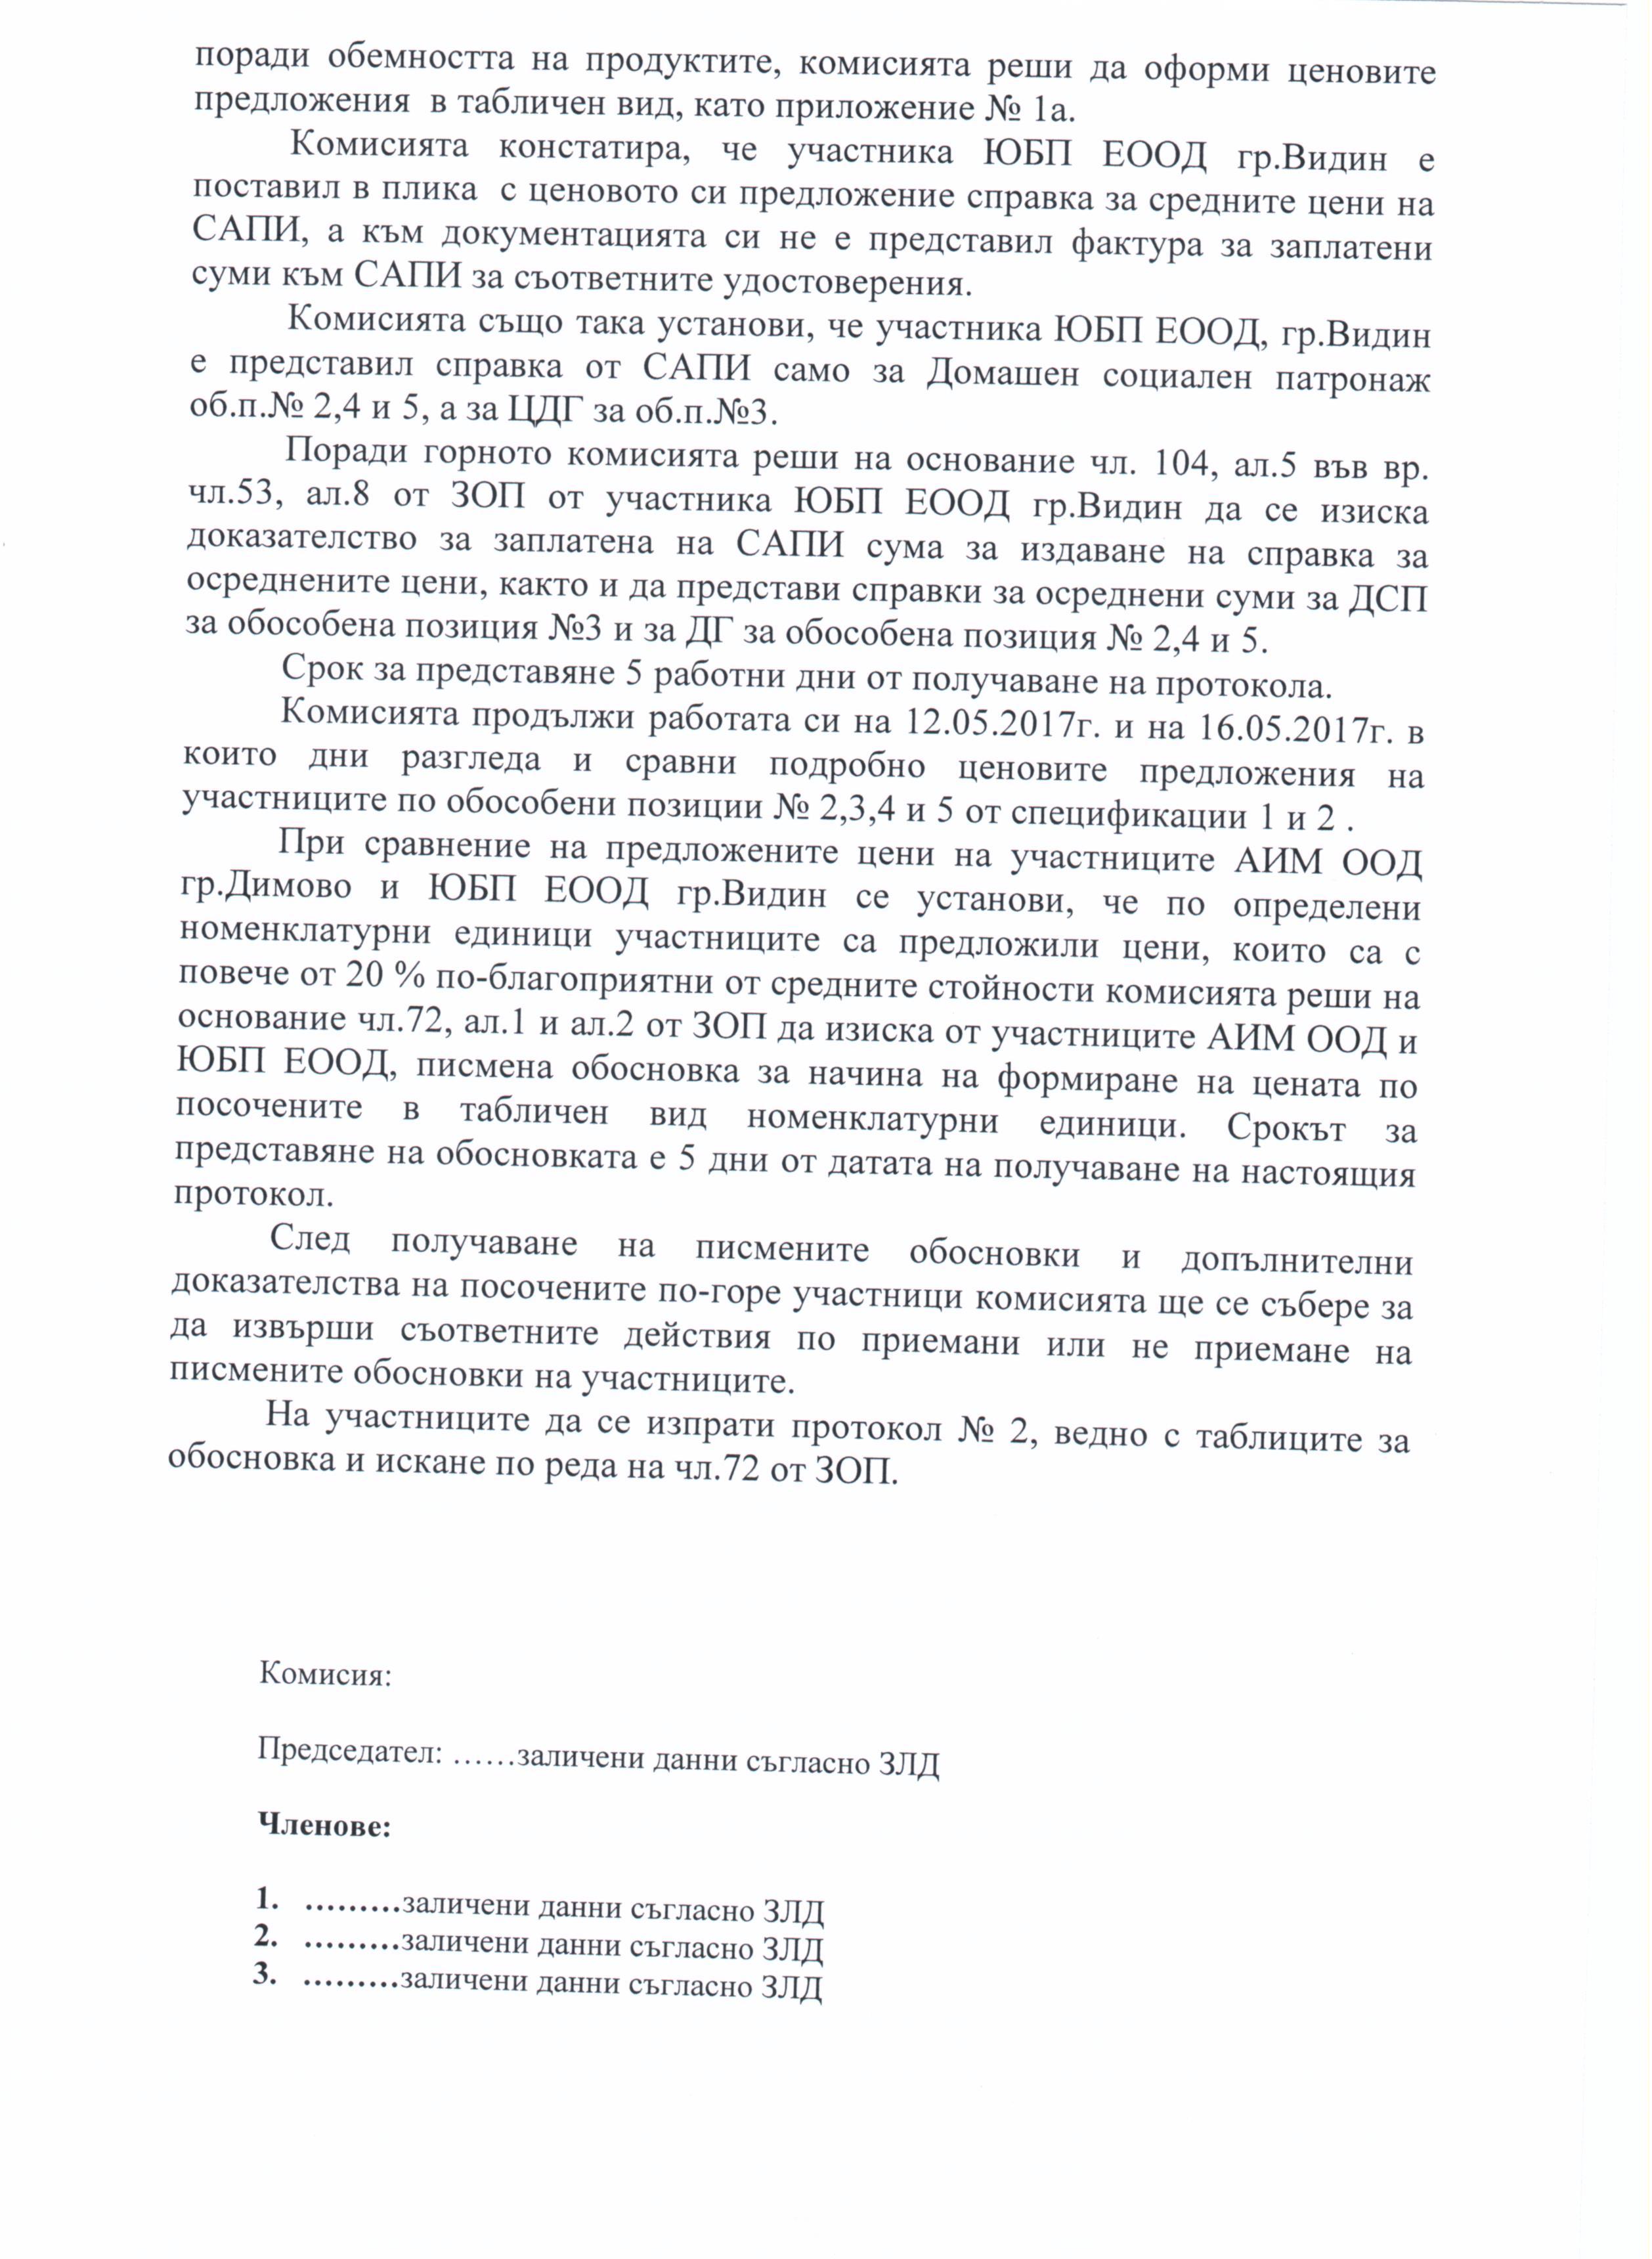 протокол храни 17.05.17 003